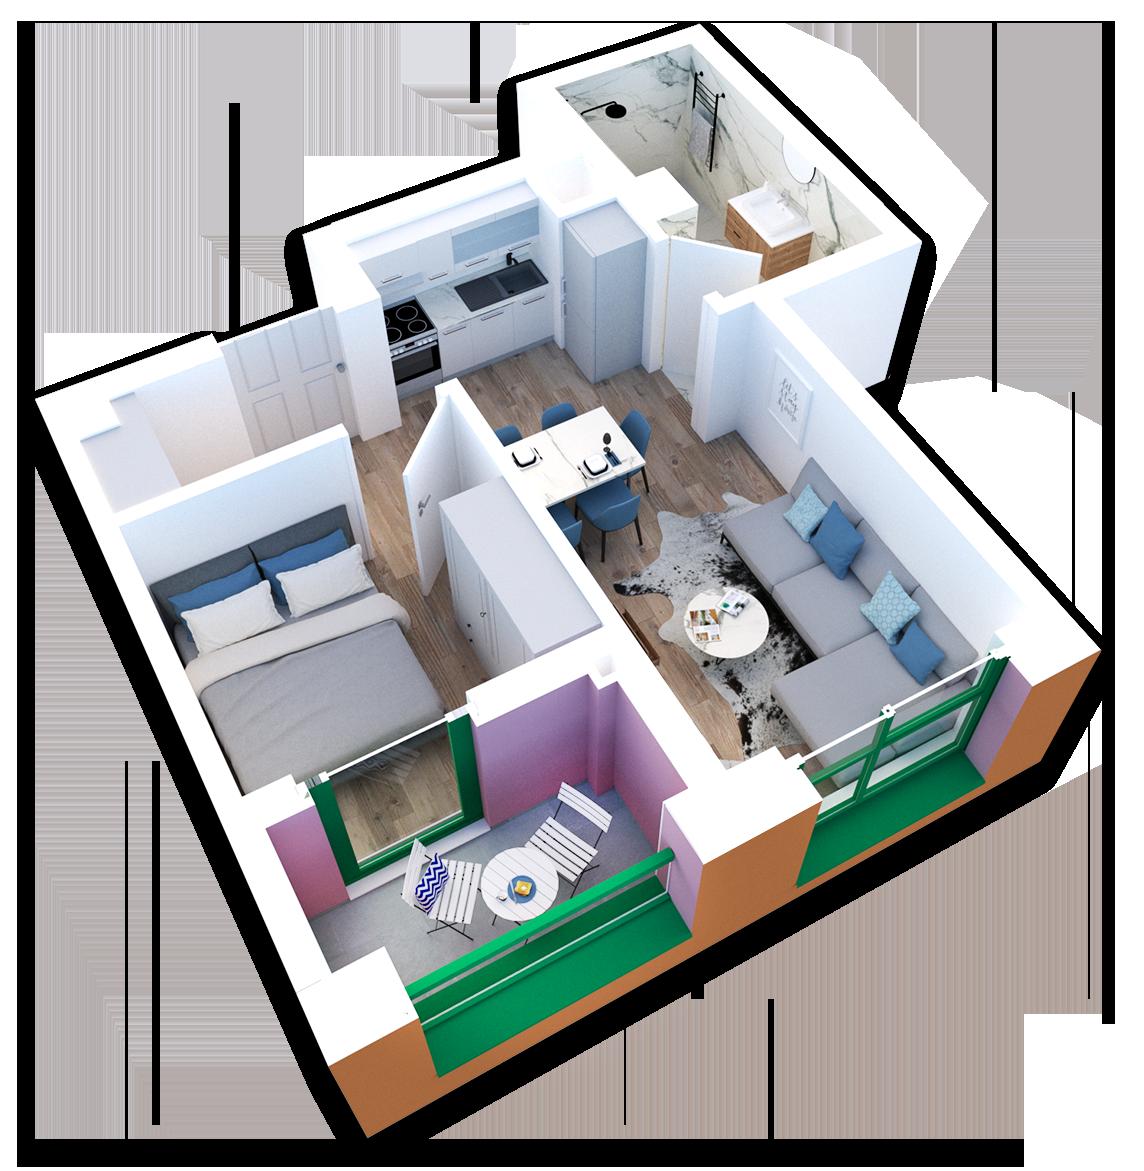 Apartament 1+1 në shitje në Tiranë - Mangalem 21 Shkalla 23 Kati 6